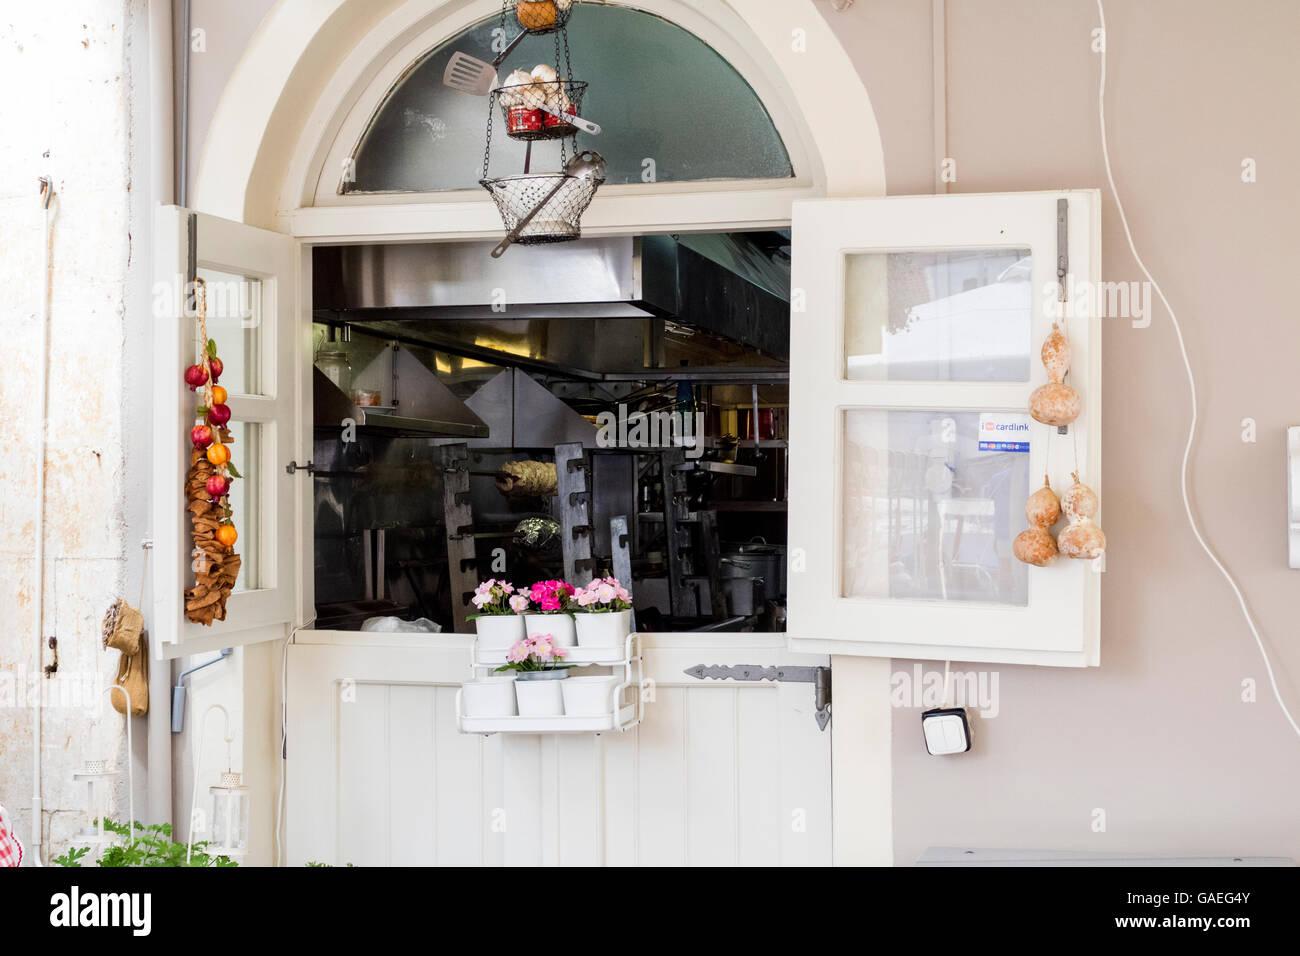 Öffnen Sie Fenster, Restaurant Küche Fenster, innen- und ...